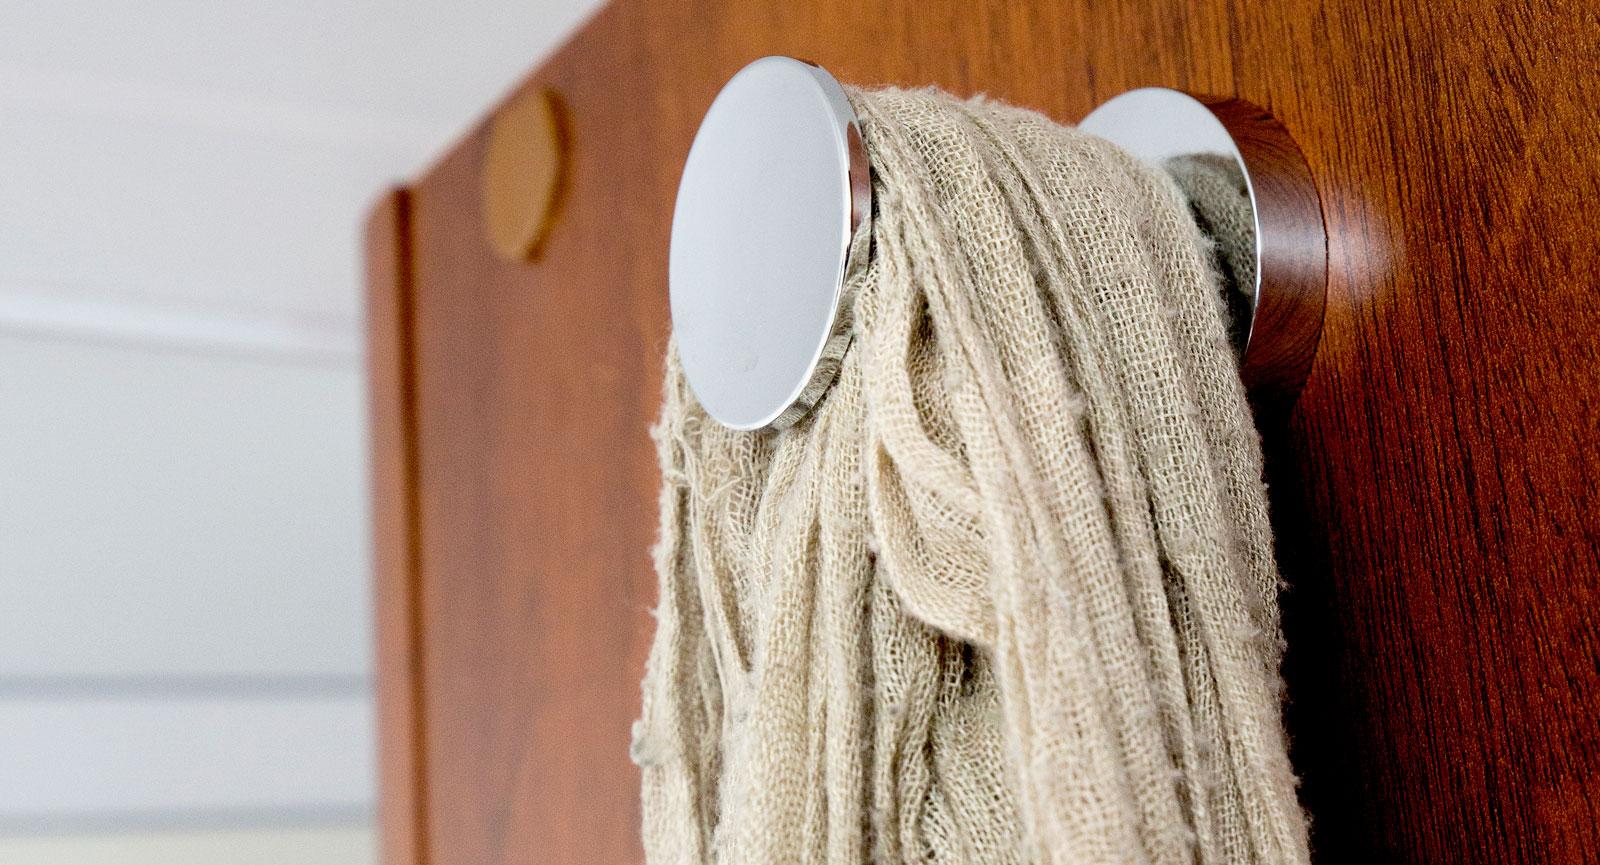 Klädkrokar på väggen vid entrén är välkommet.